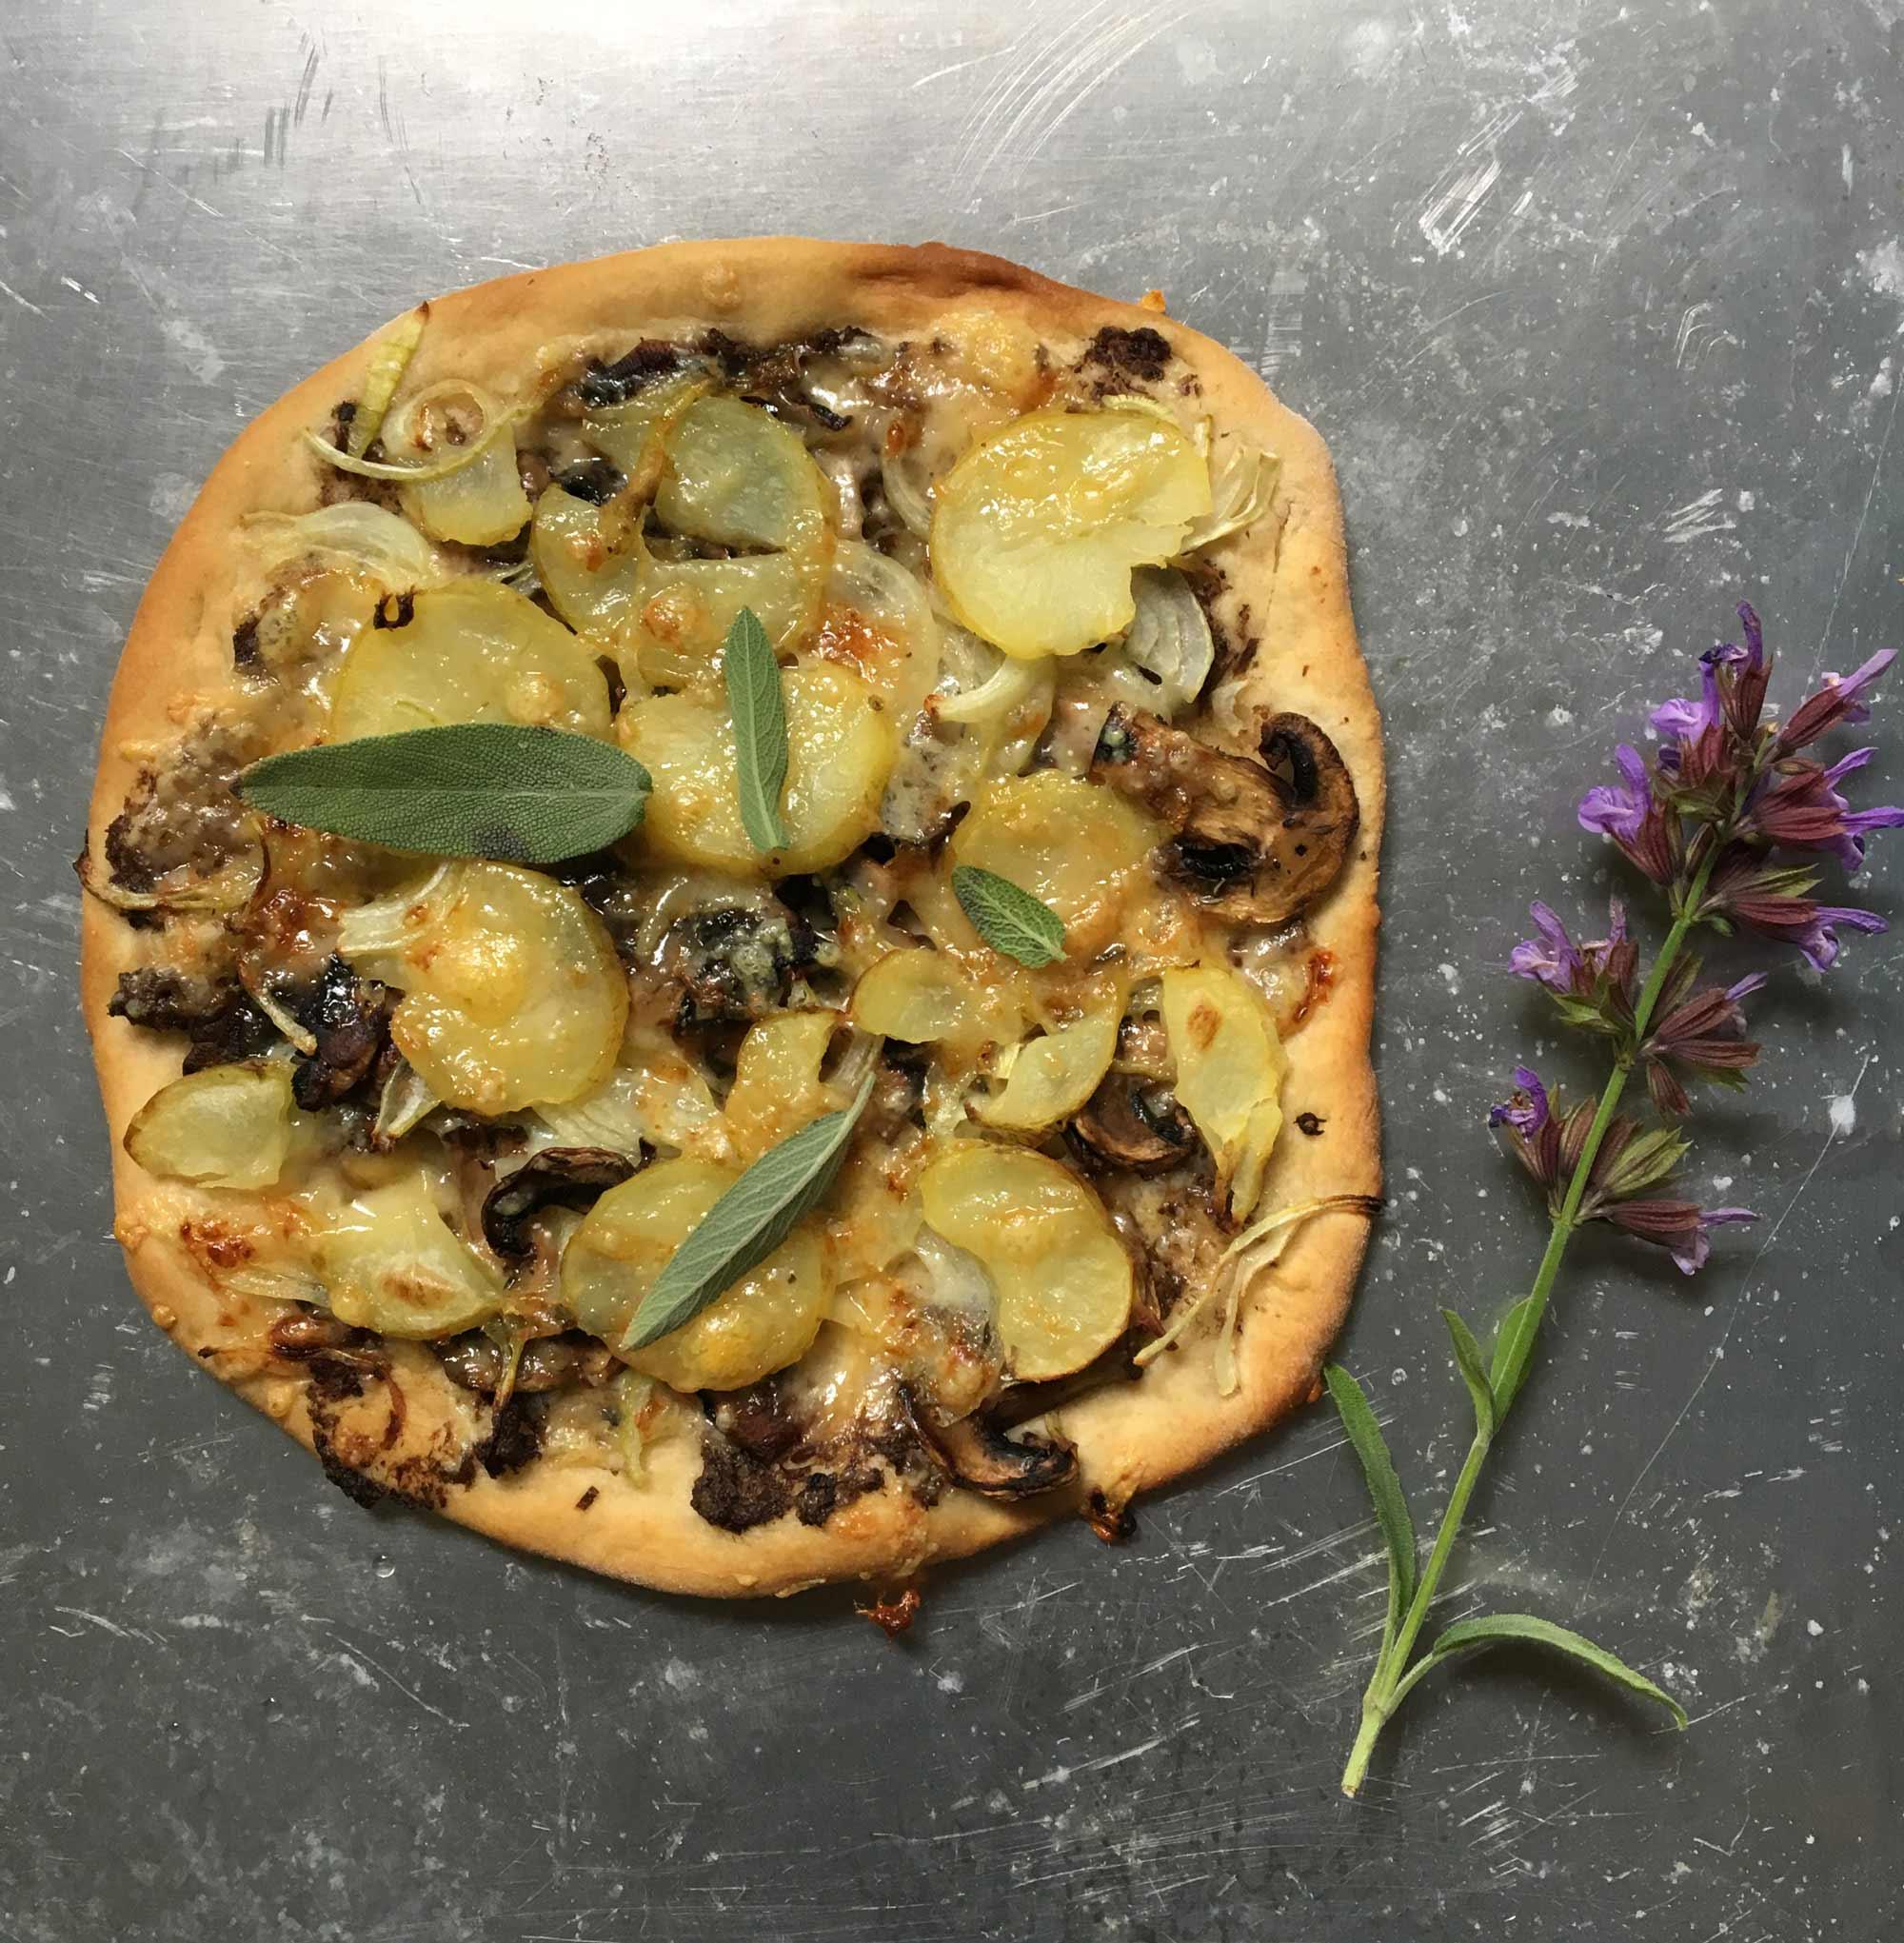 Vegetarisk pizza med potatis, svamp, svampcrème med tryffel, lök och Västerbottensost.